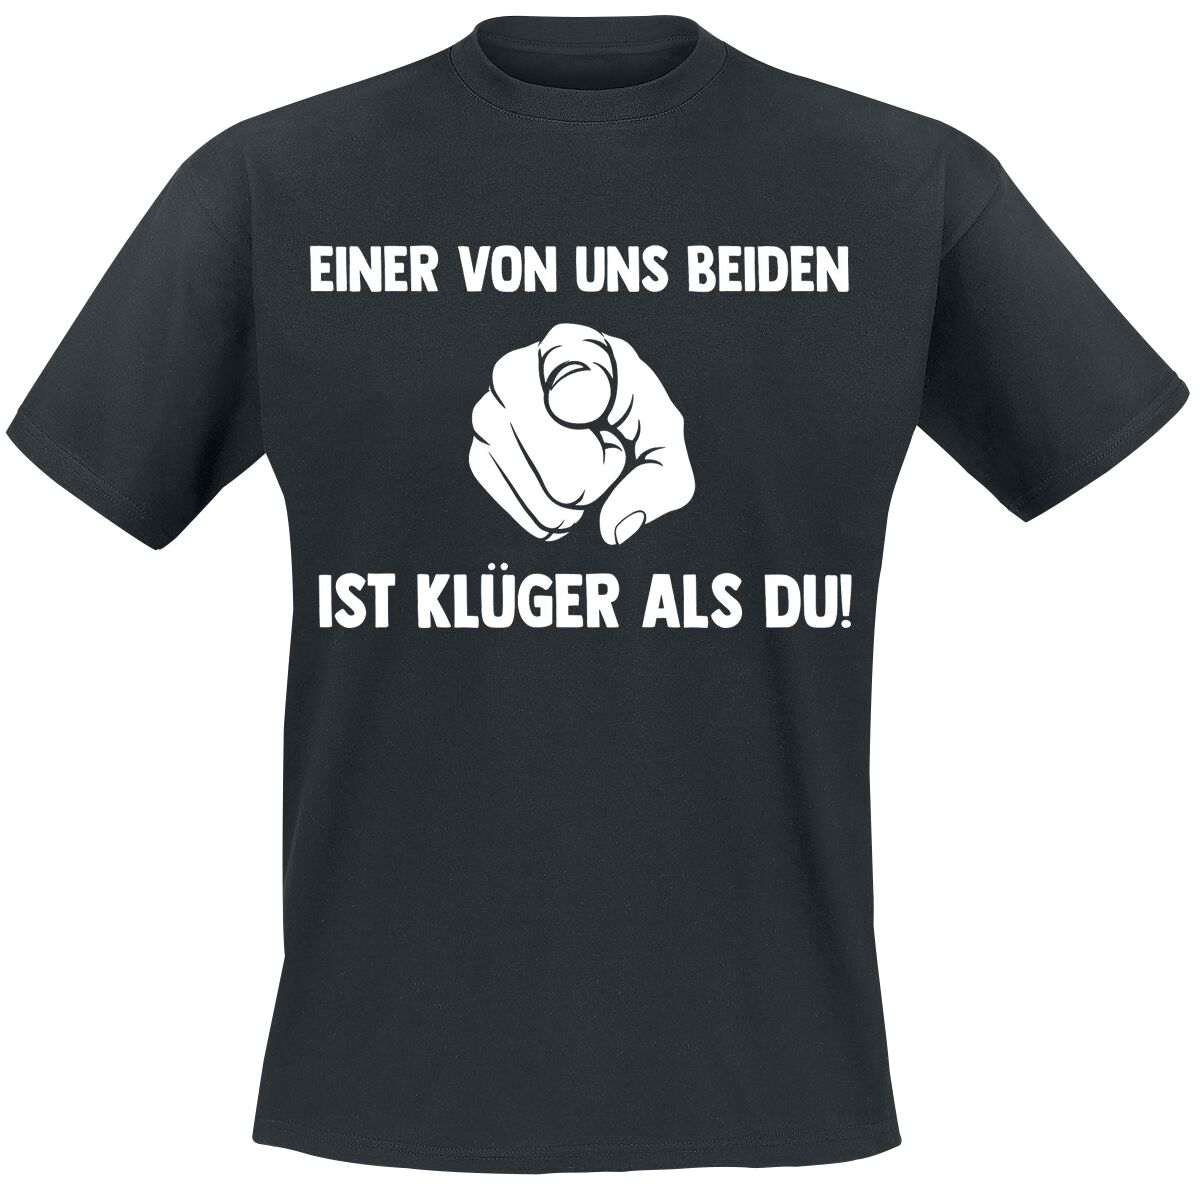 Einer von uns beiden ist klüger als Du! T-Shirt schwarz POD - BY083 - 5286